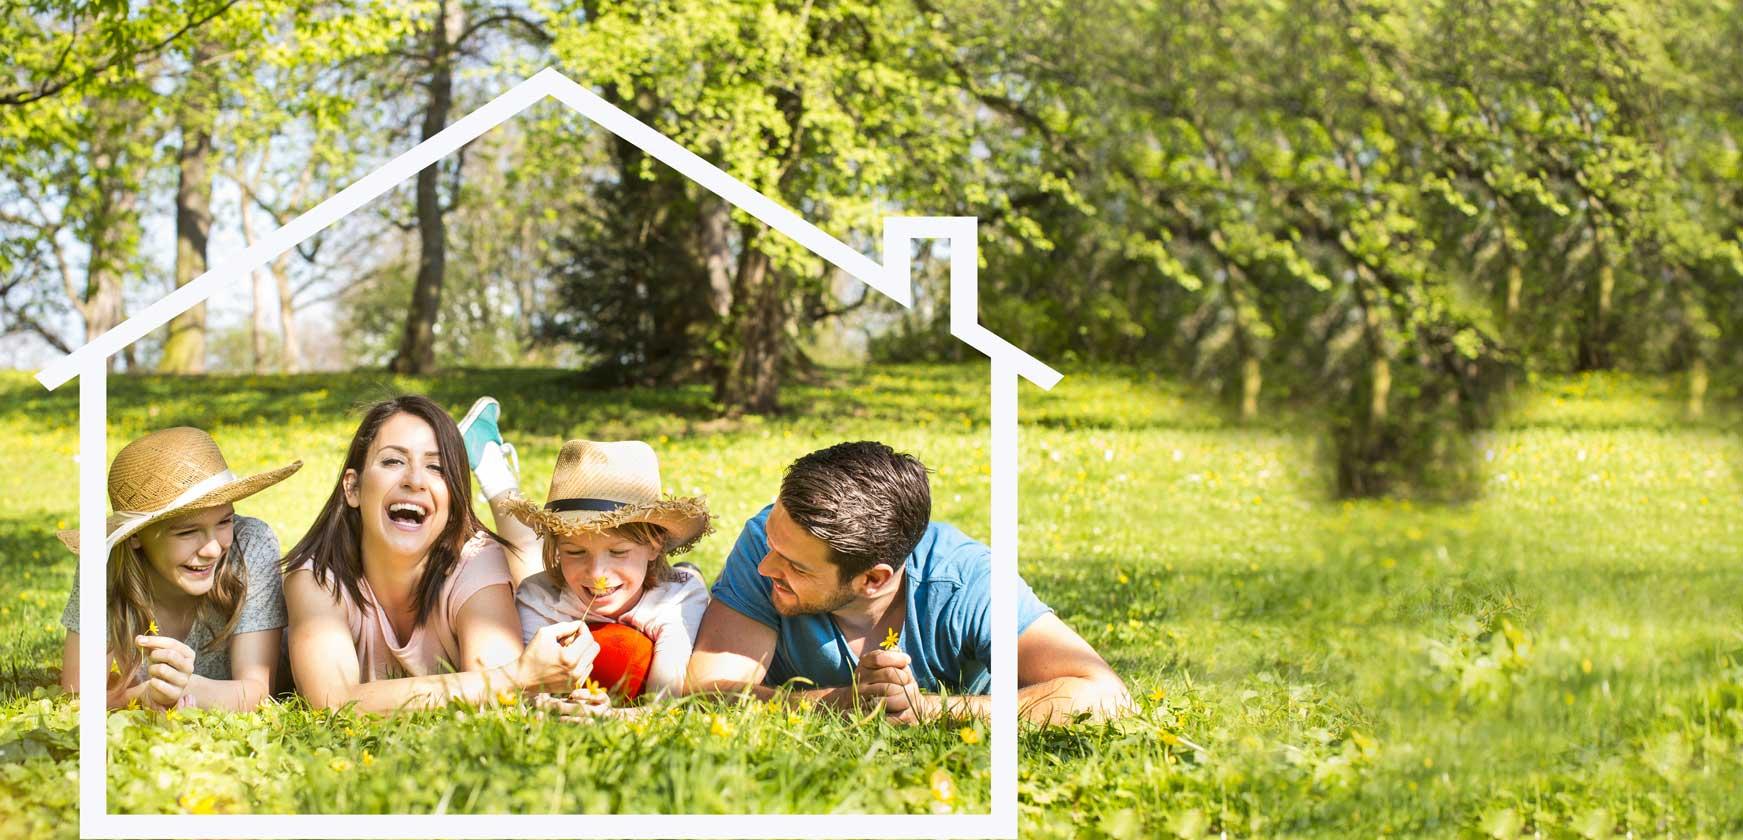 Familie auf Wiese mit weißem Hausumriss rundherum